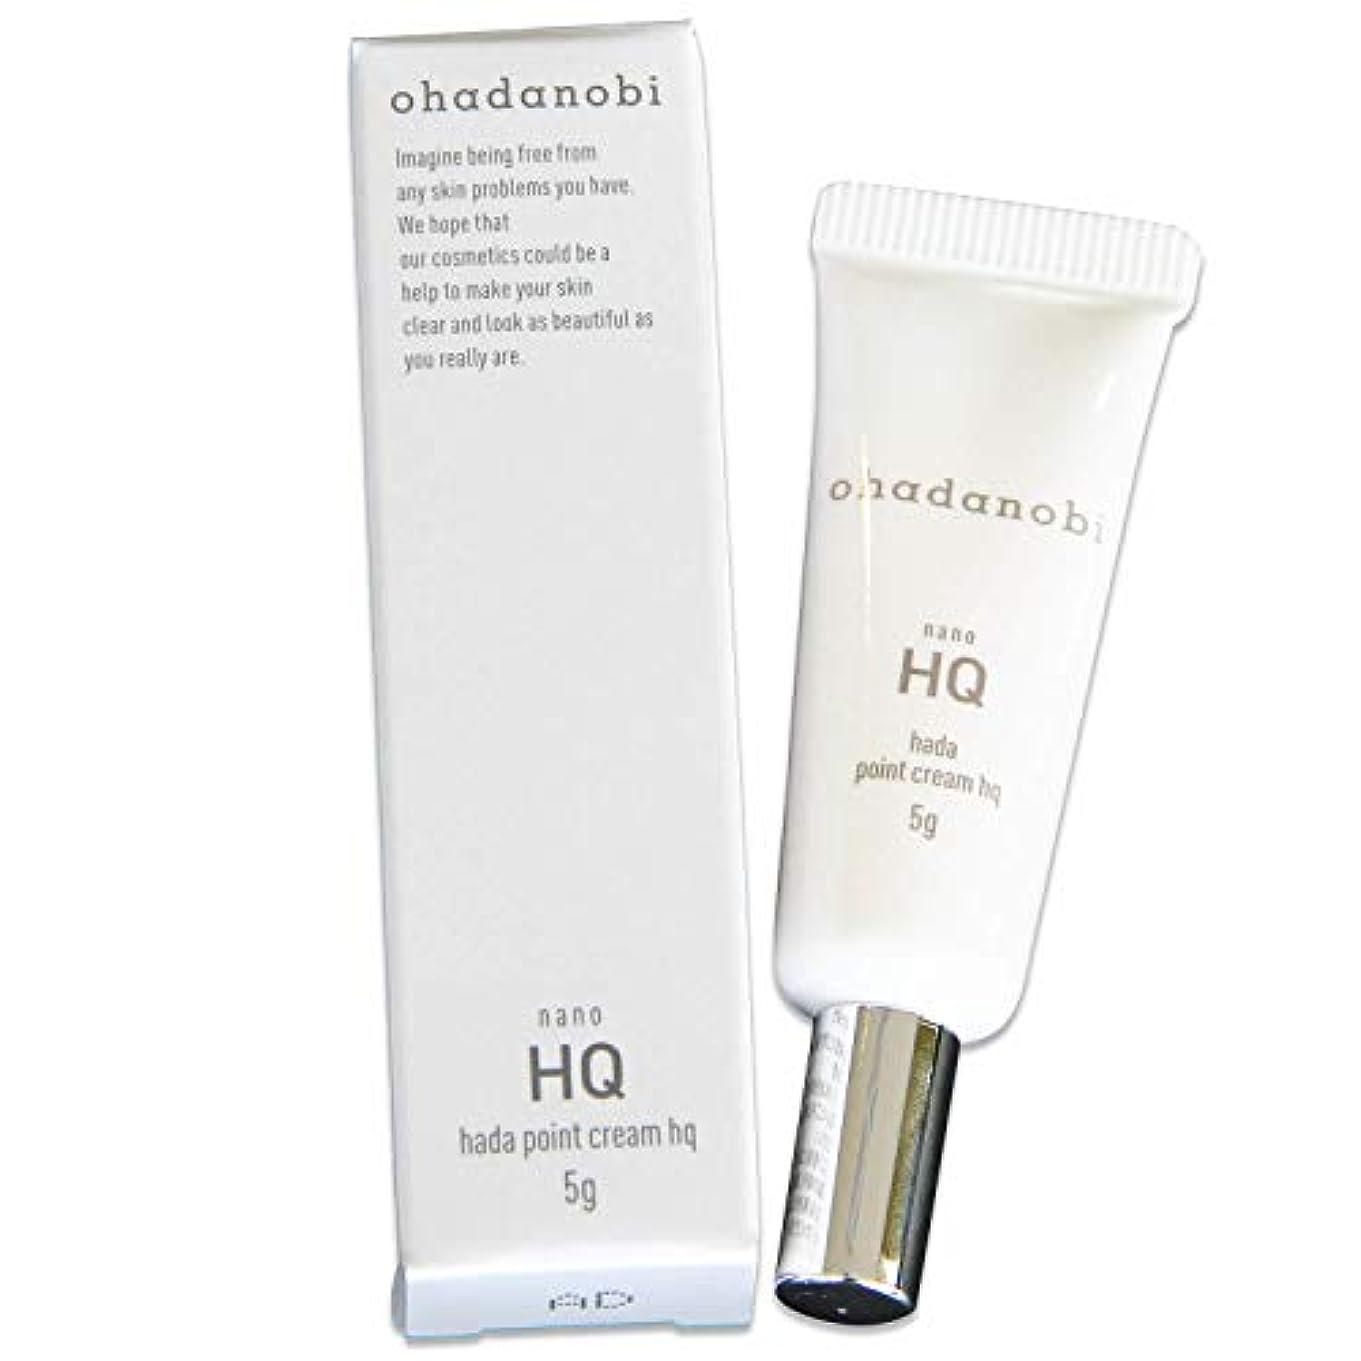 無数の長いです野な純 ハイドロキノン 4% 配合 日本製 ハダポイントクリームHQ オハダノビ